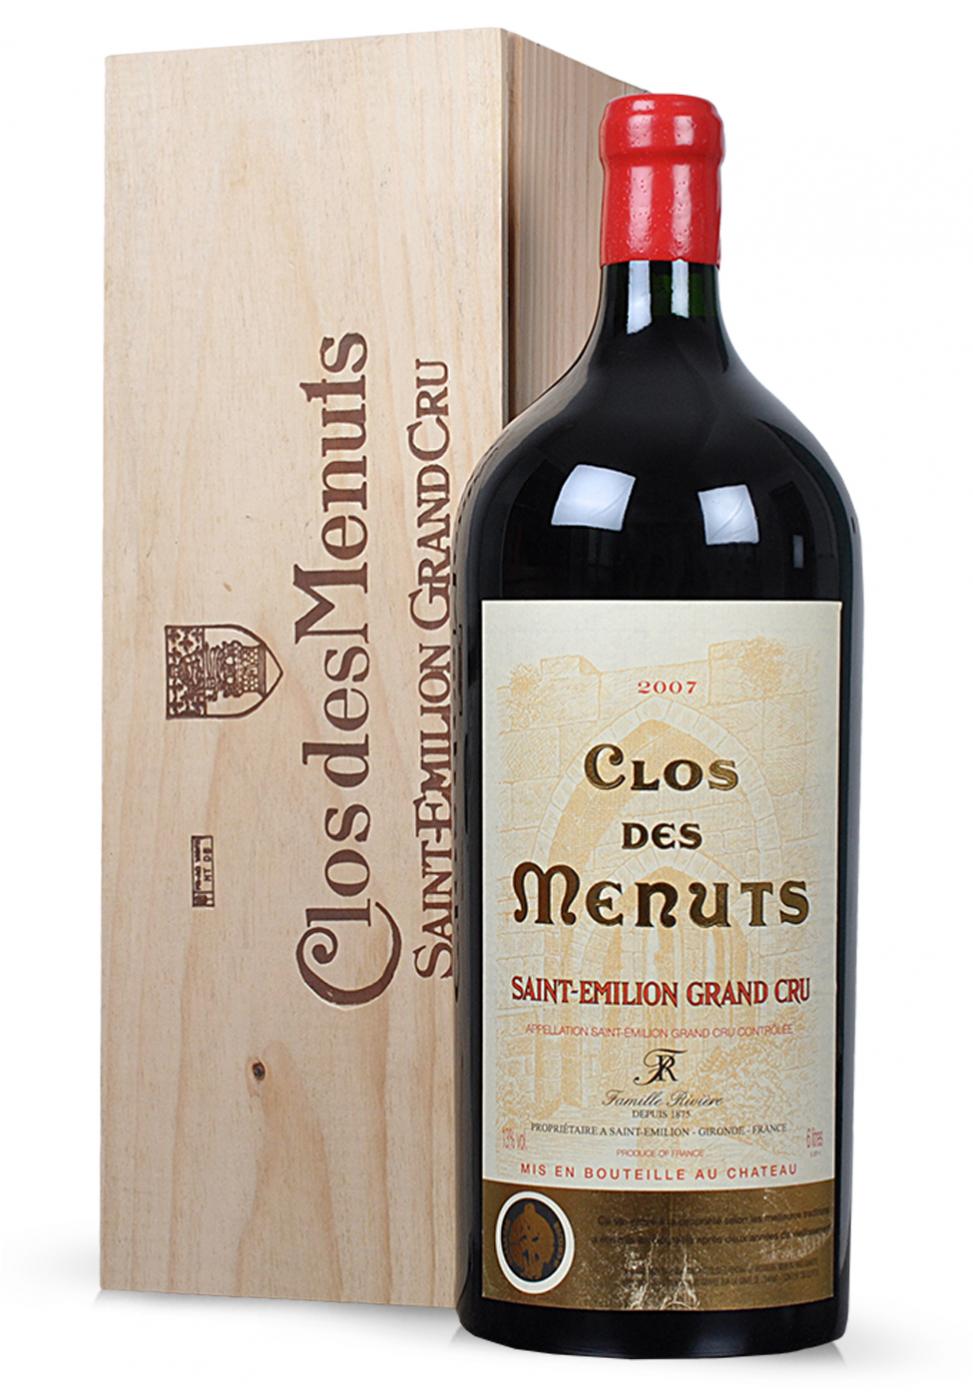 Vin Clos de Menuts, Saint-Emilion Grand Cru 2007 (6L)